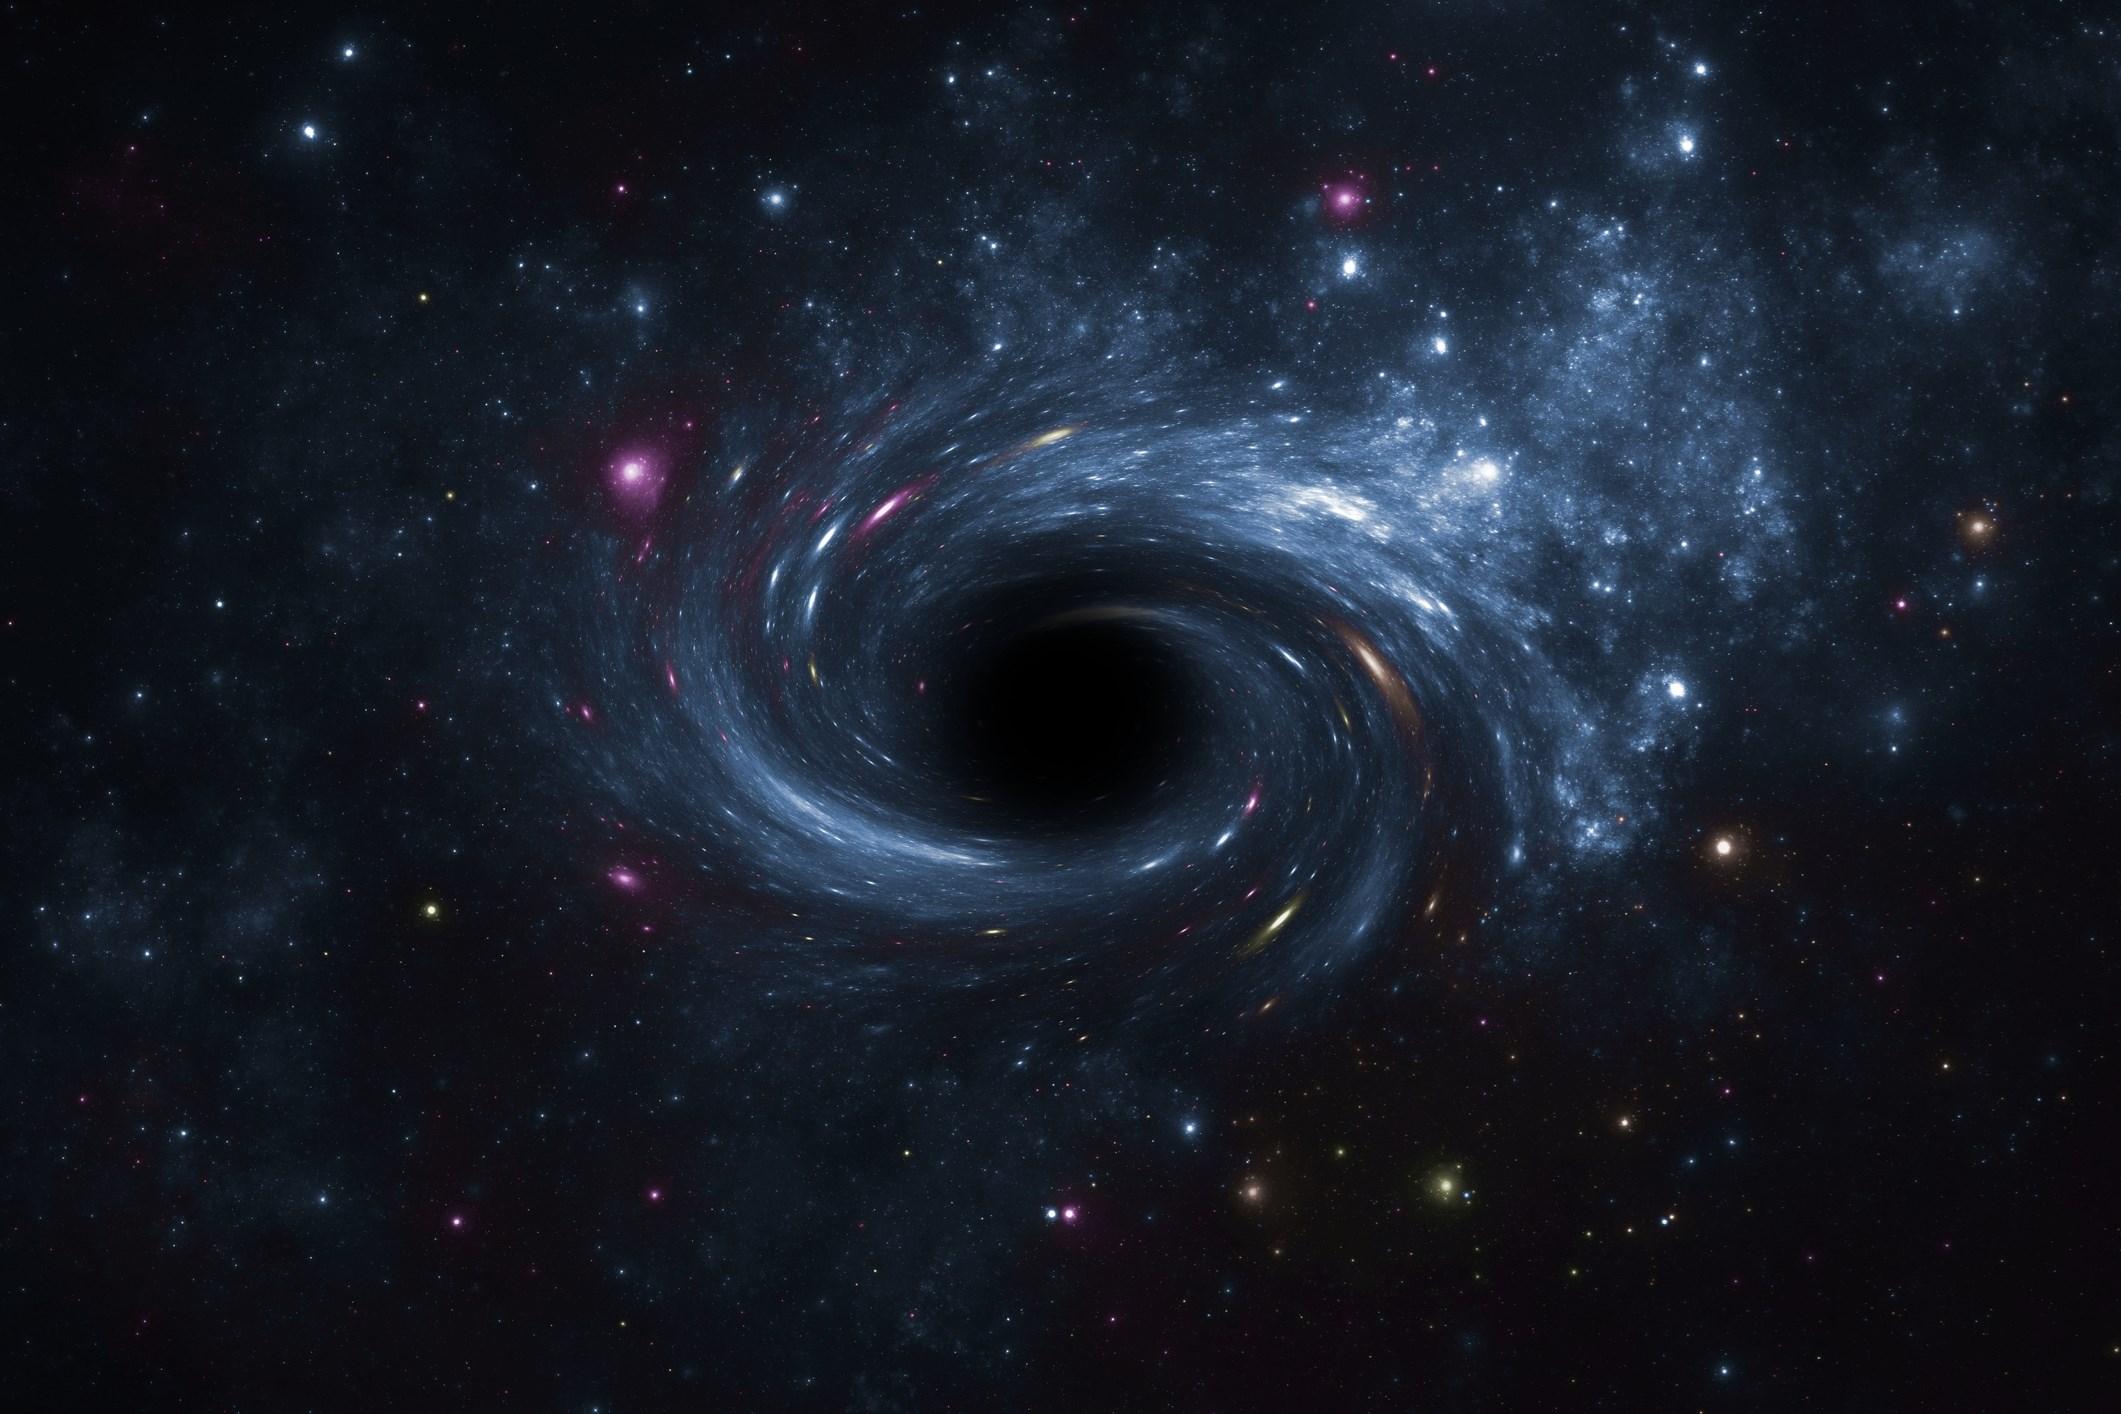 علماء الفلك يكتشفون ثقباً أسود جديداً